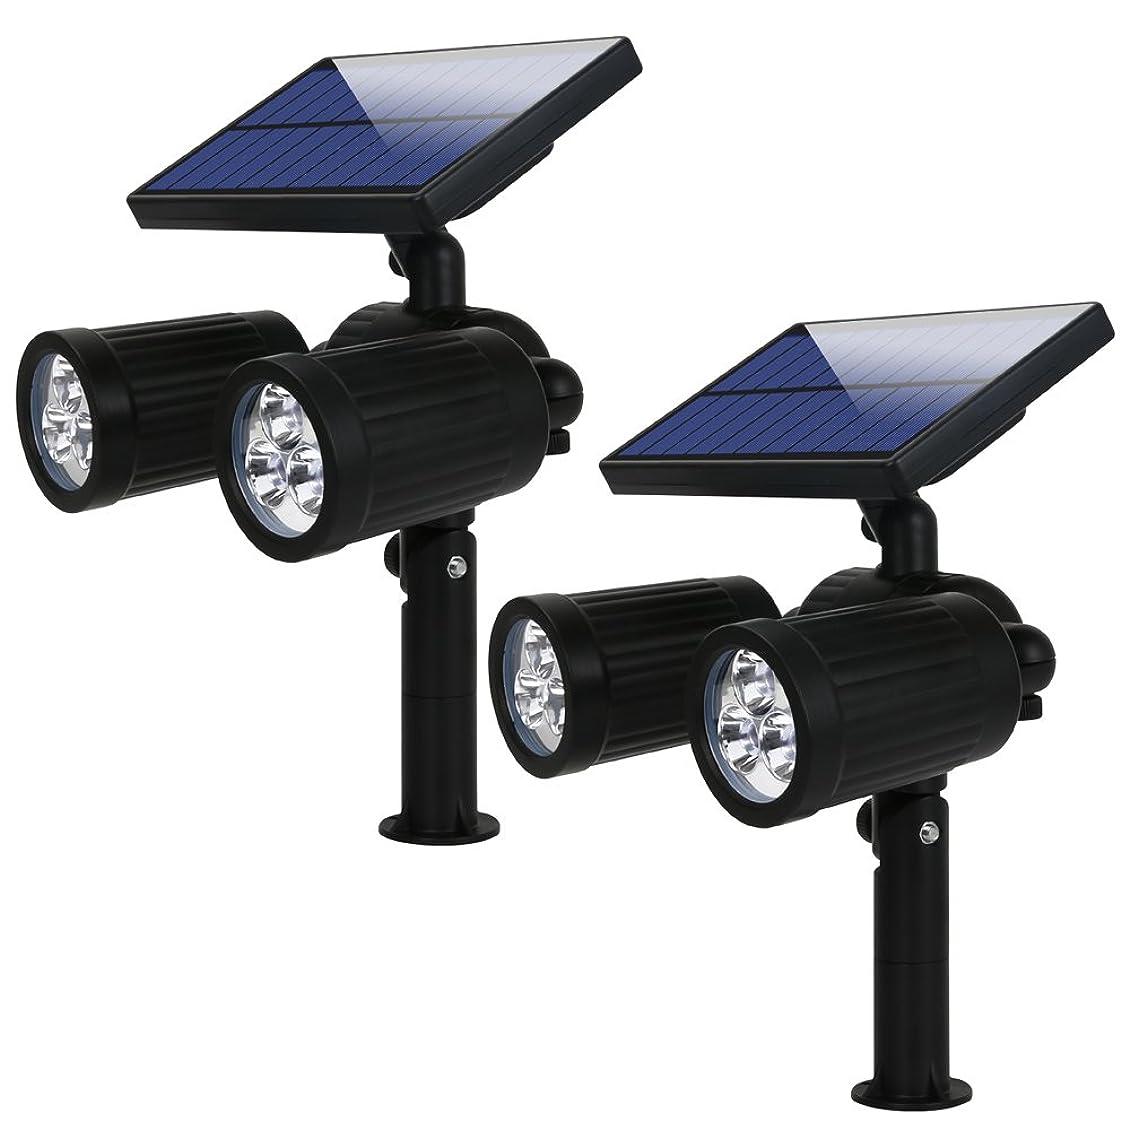 パーツ気まぐれな粒子LEDセンサーライト 12LED 人感センサーライト 明るさ3段階調整可能 USB充電式 省エネ 超寿命 マグネット付き 階段 クロゼット 玄関に最適(2個)